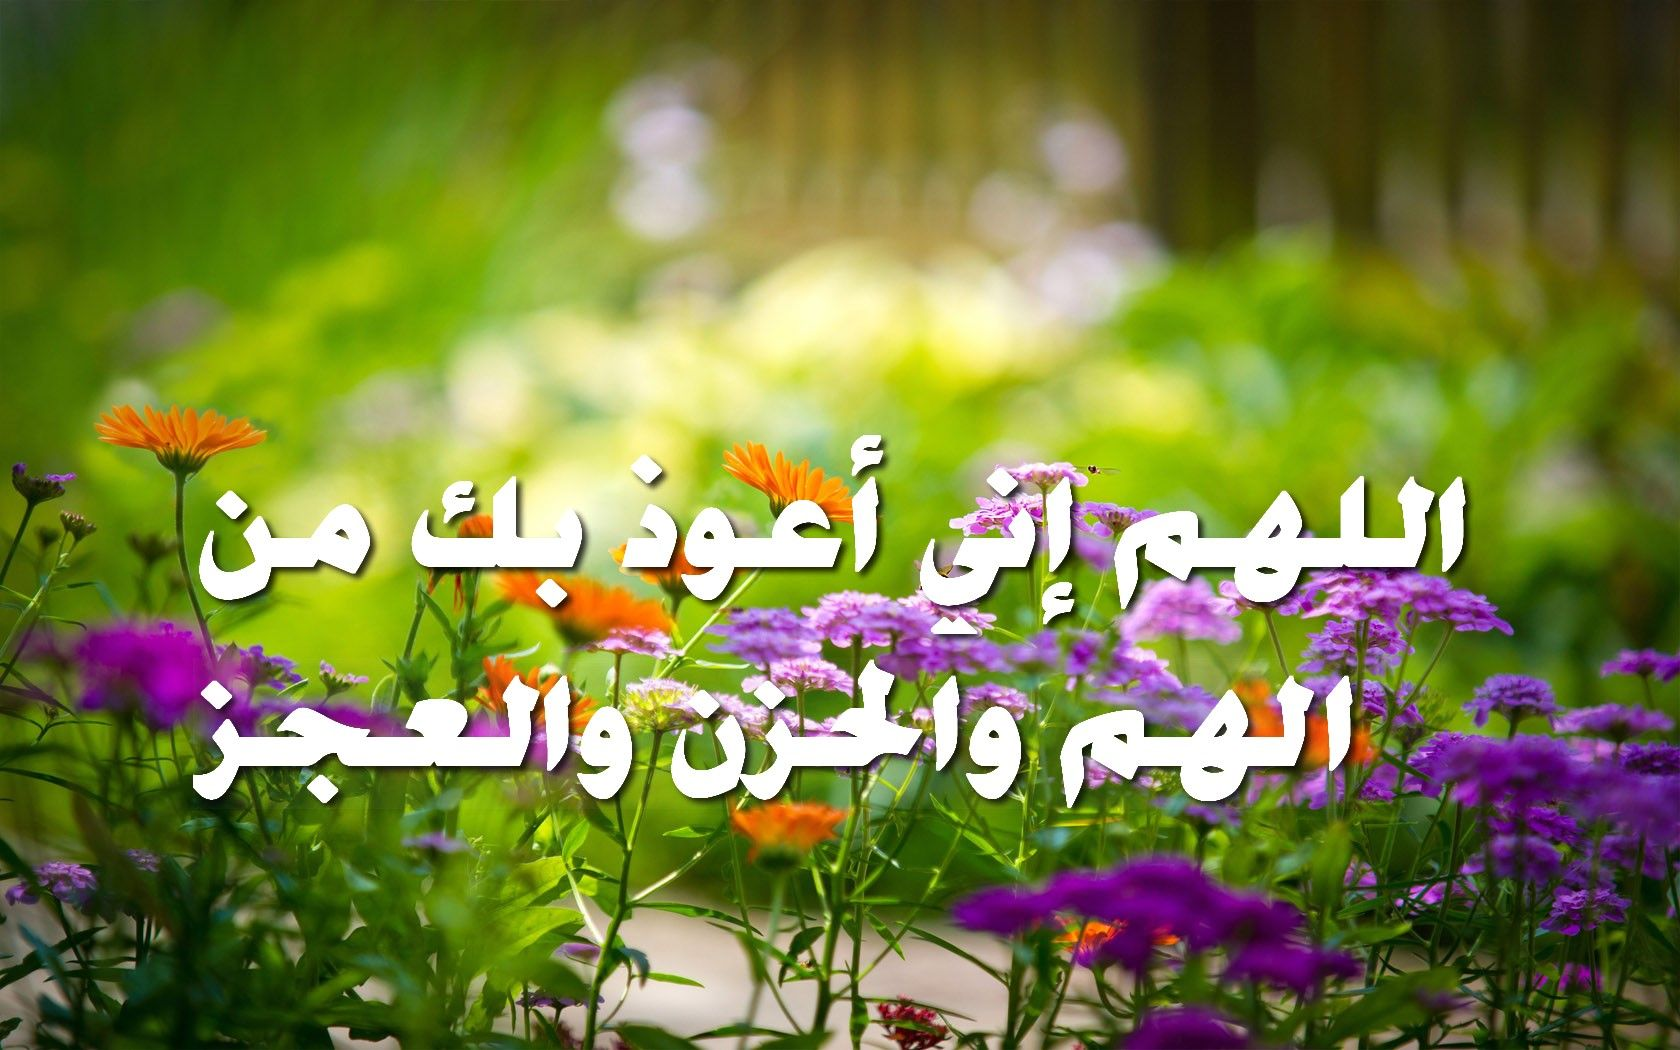 اللهم إني أعوذ بك من الهم والحزن والعجز صور اسلامية Necklace Plants Lei Necklace